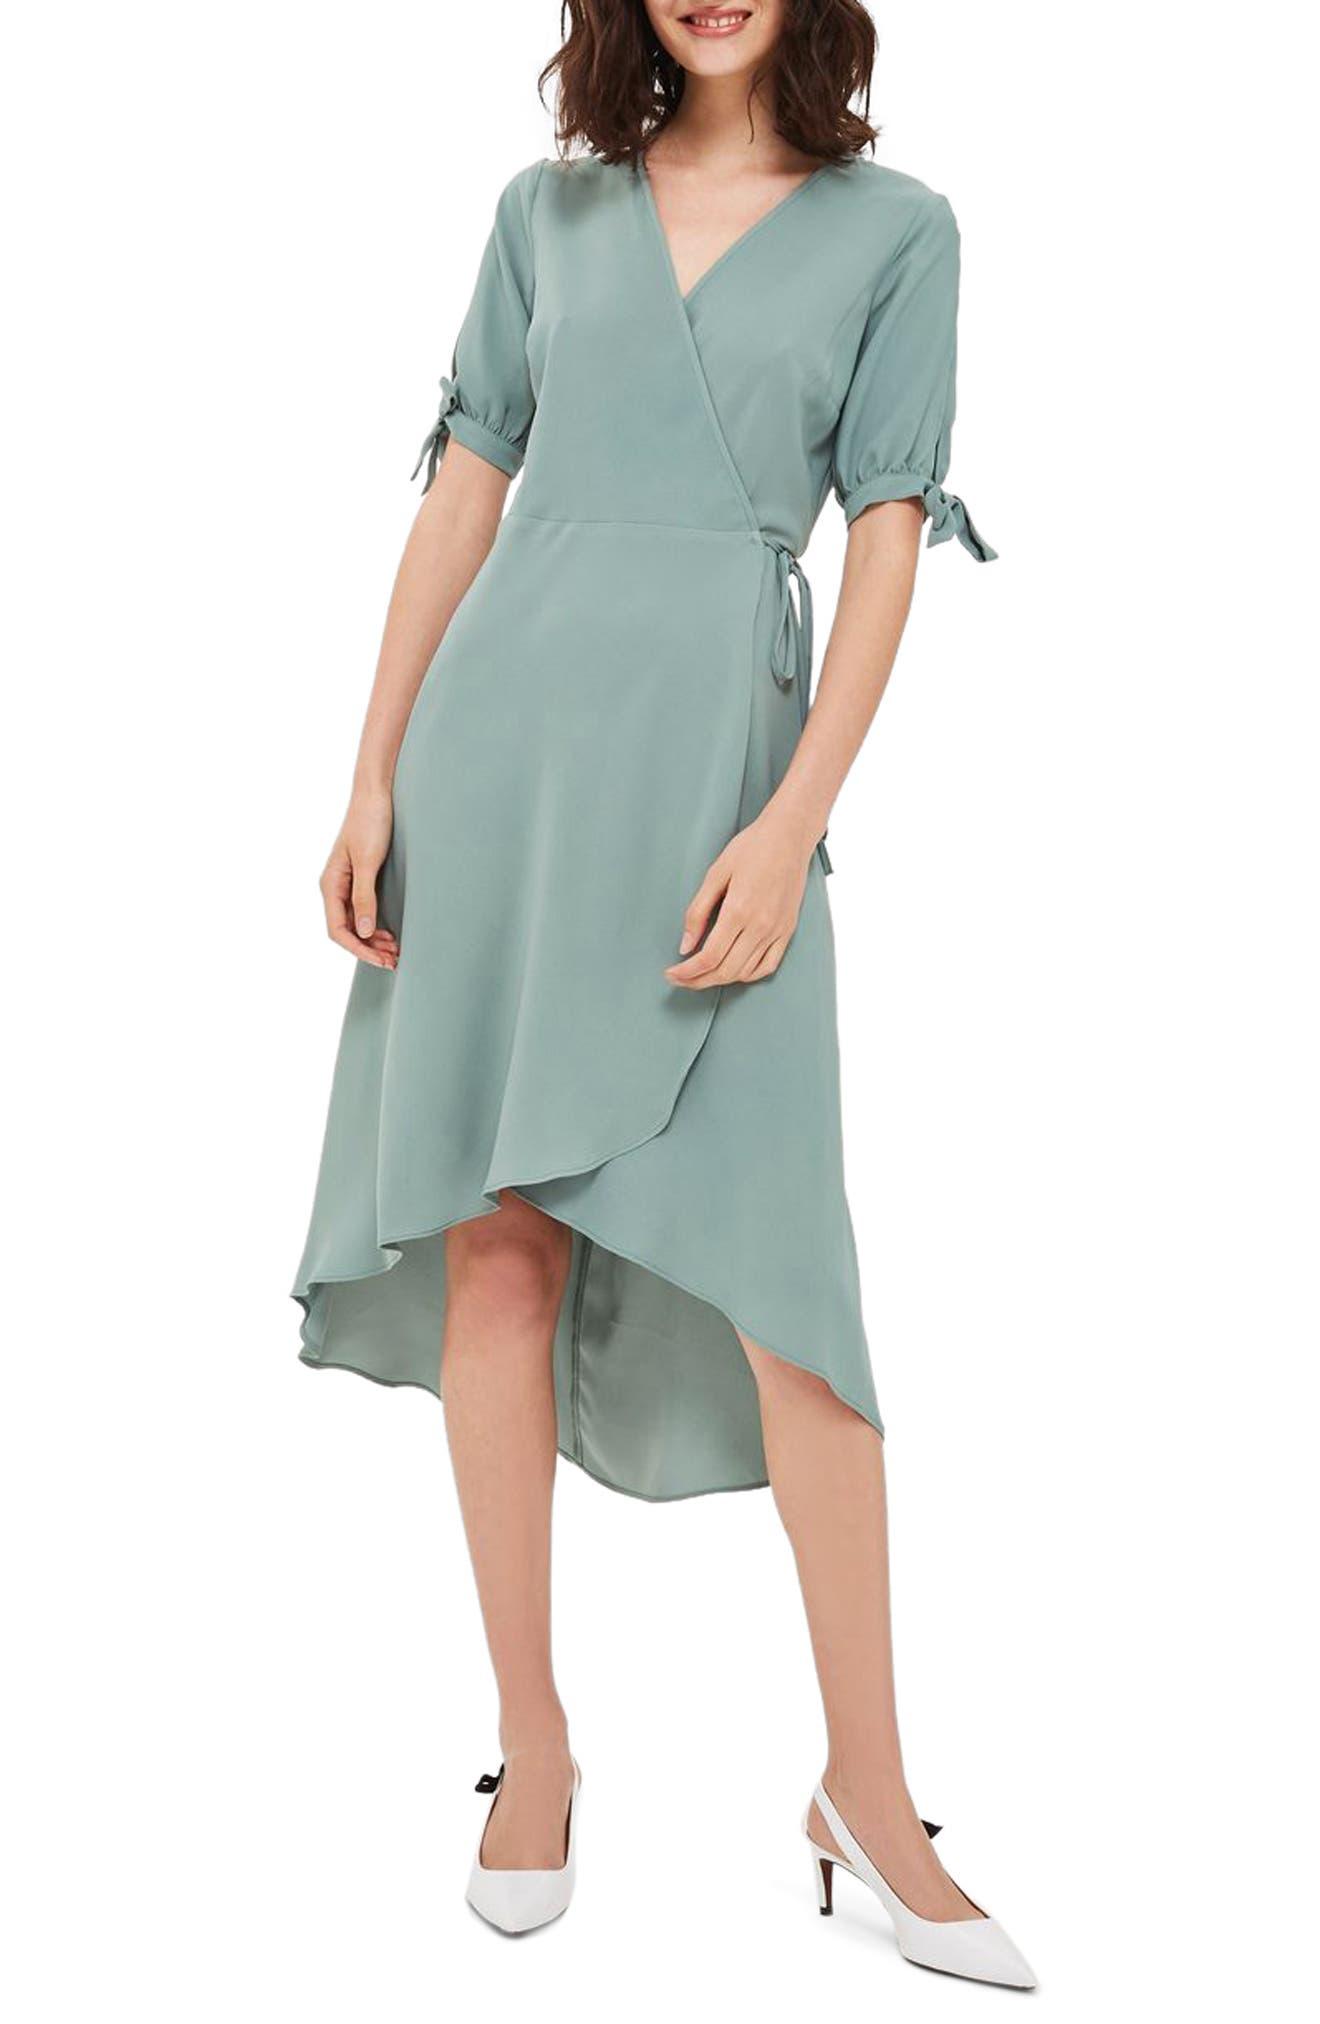 Topshop Dusty Emma Tie Sleeve Wrap Dress